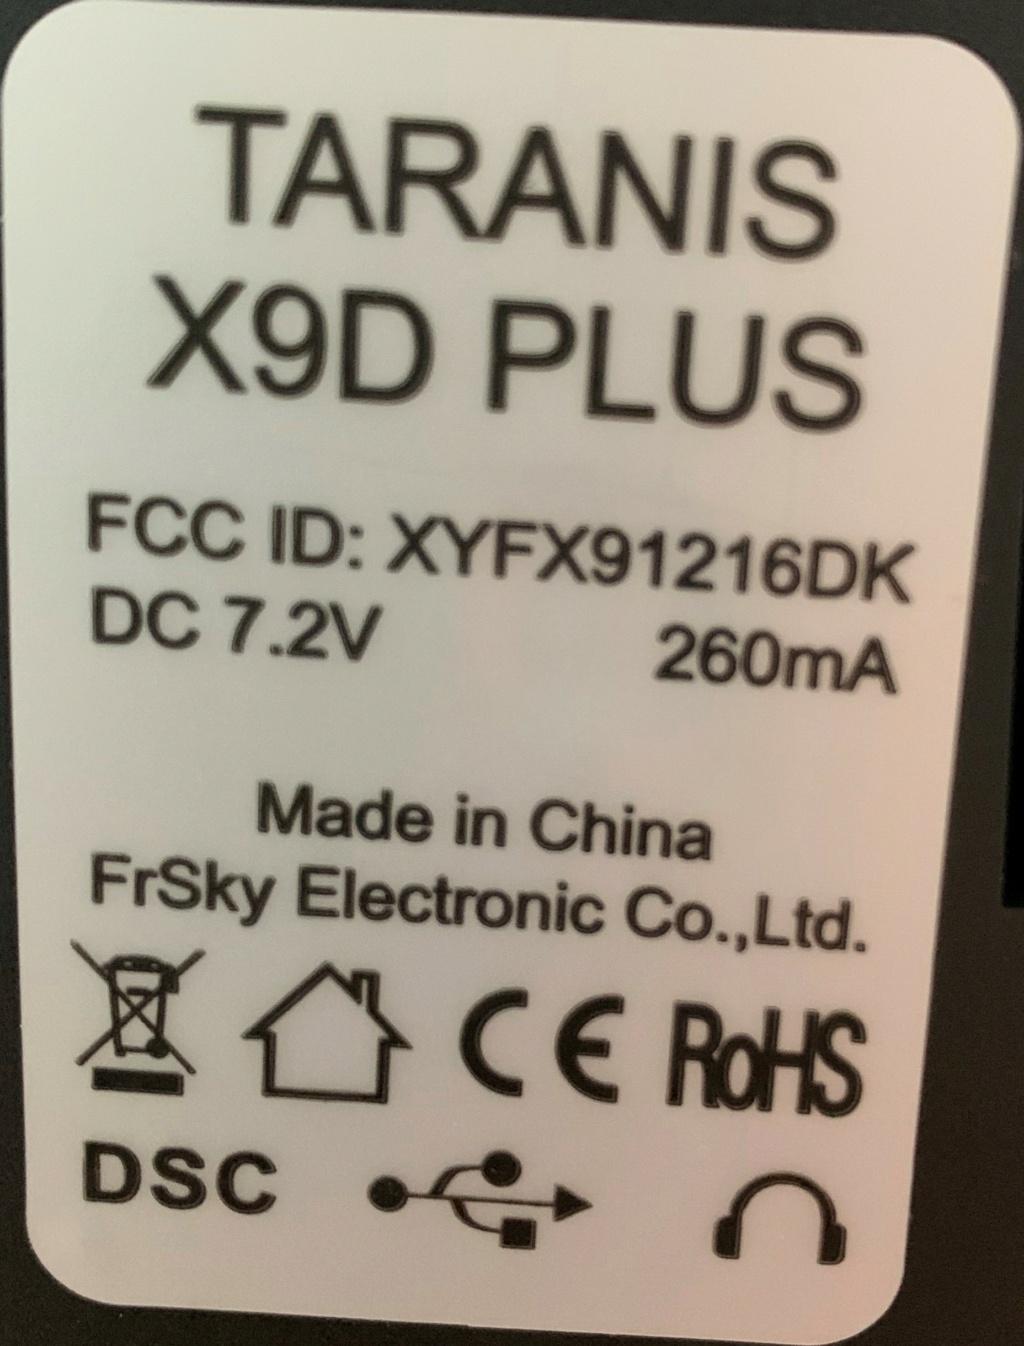 PB CARTE SD TARANIS XD9 PLUS Img_2115